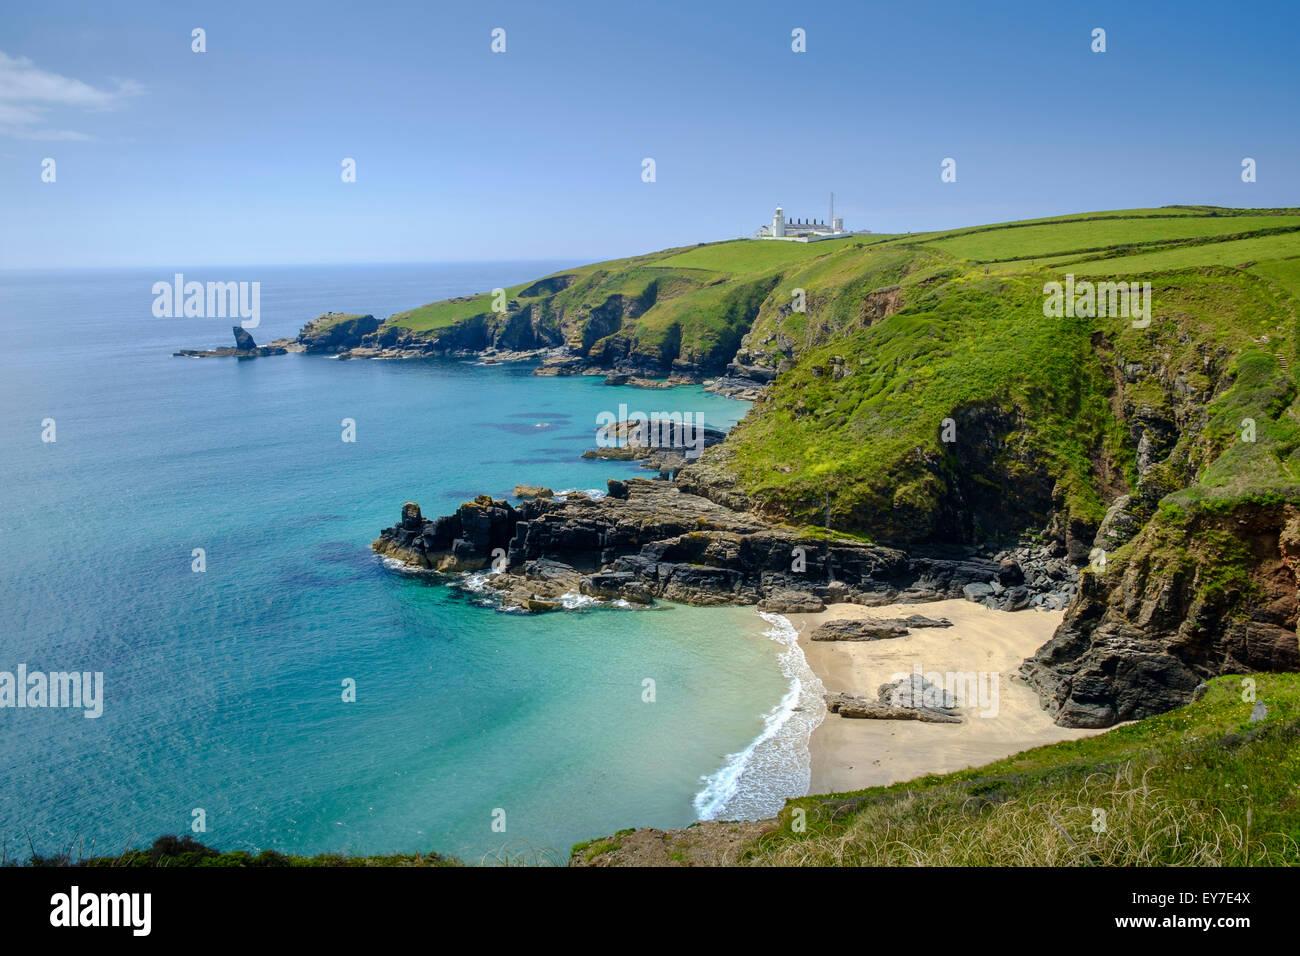 La côte de Cornwall vue paysage de Lizard Point Lighthouse, pointe et Housel Bay Cove Beach, péninsule Photo Stock